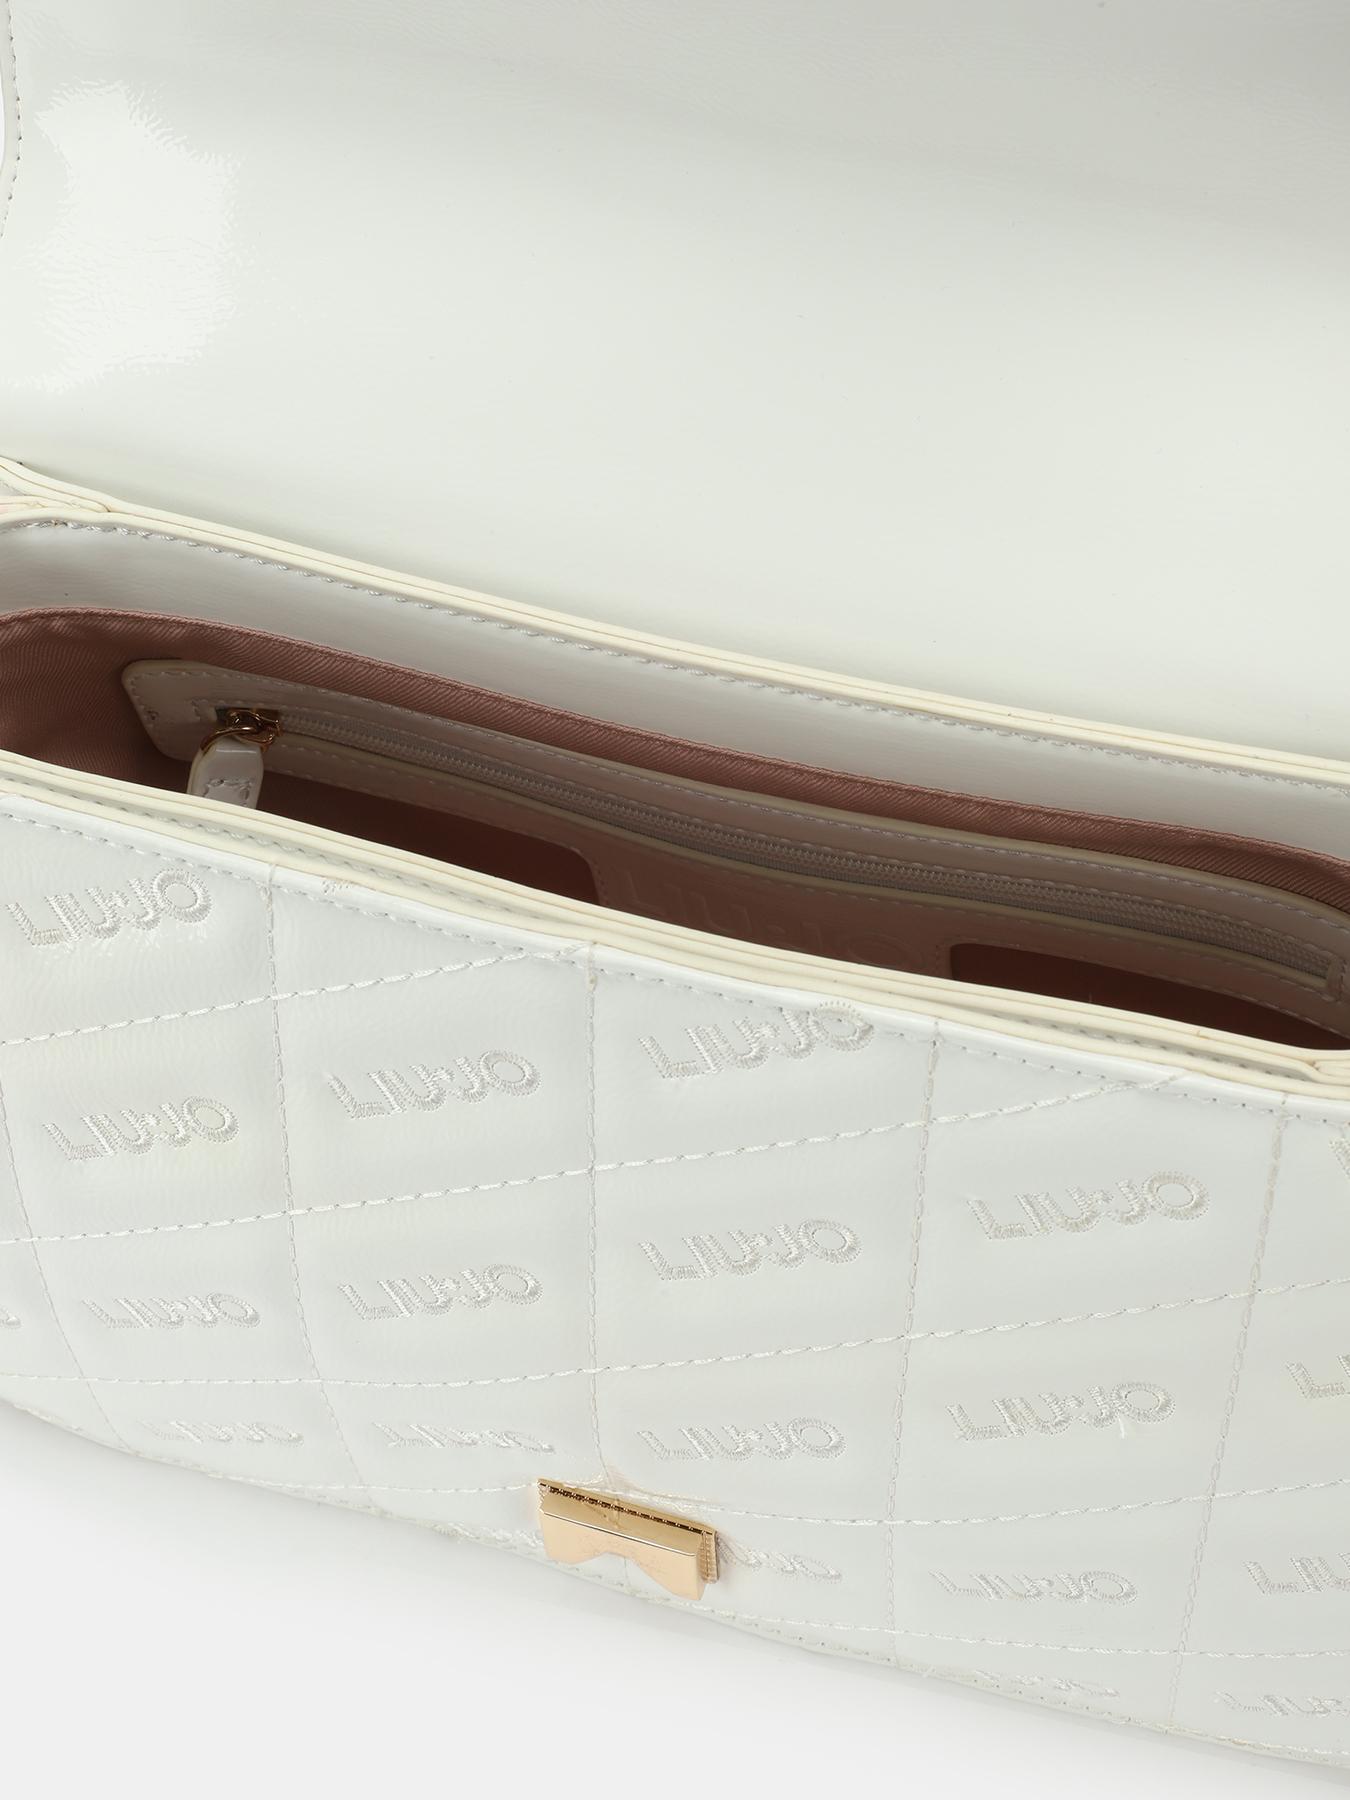 Liu Jo Стеганая сумка 338719-185 Фото 3